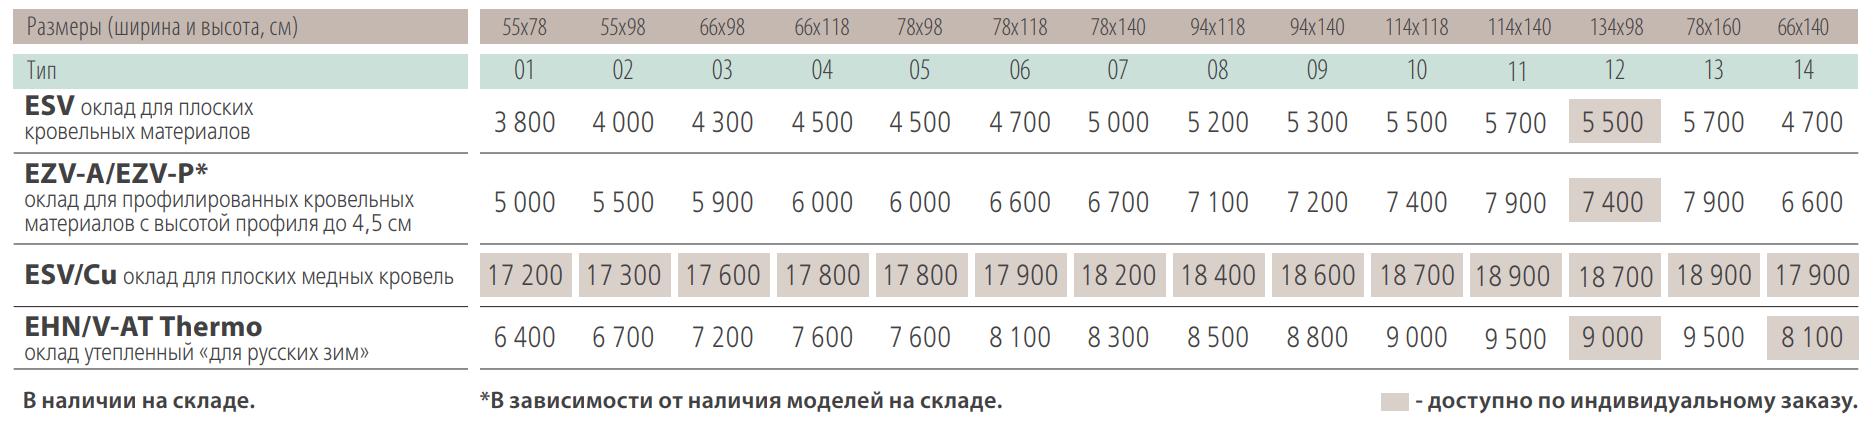 Виды окладов и цены